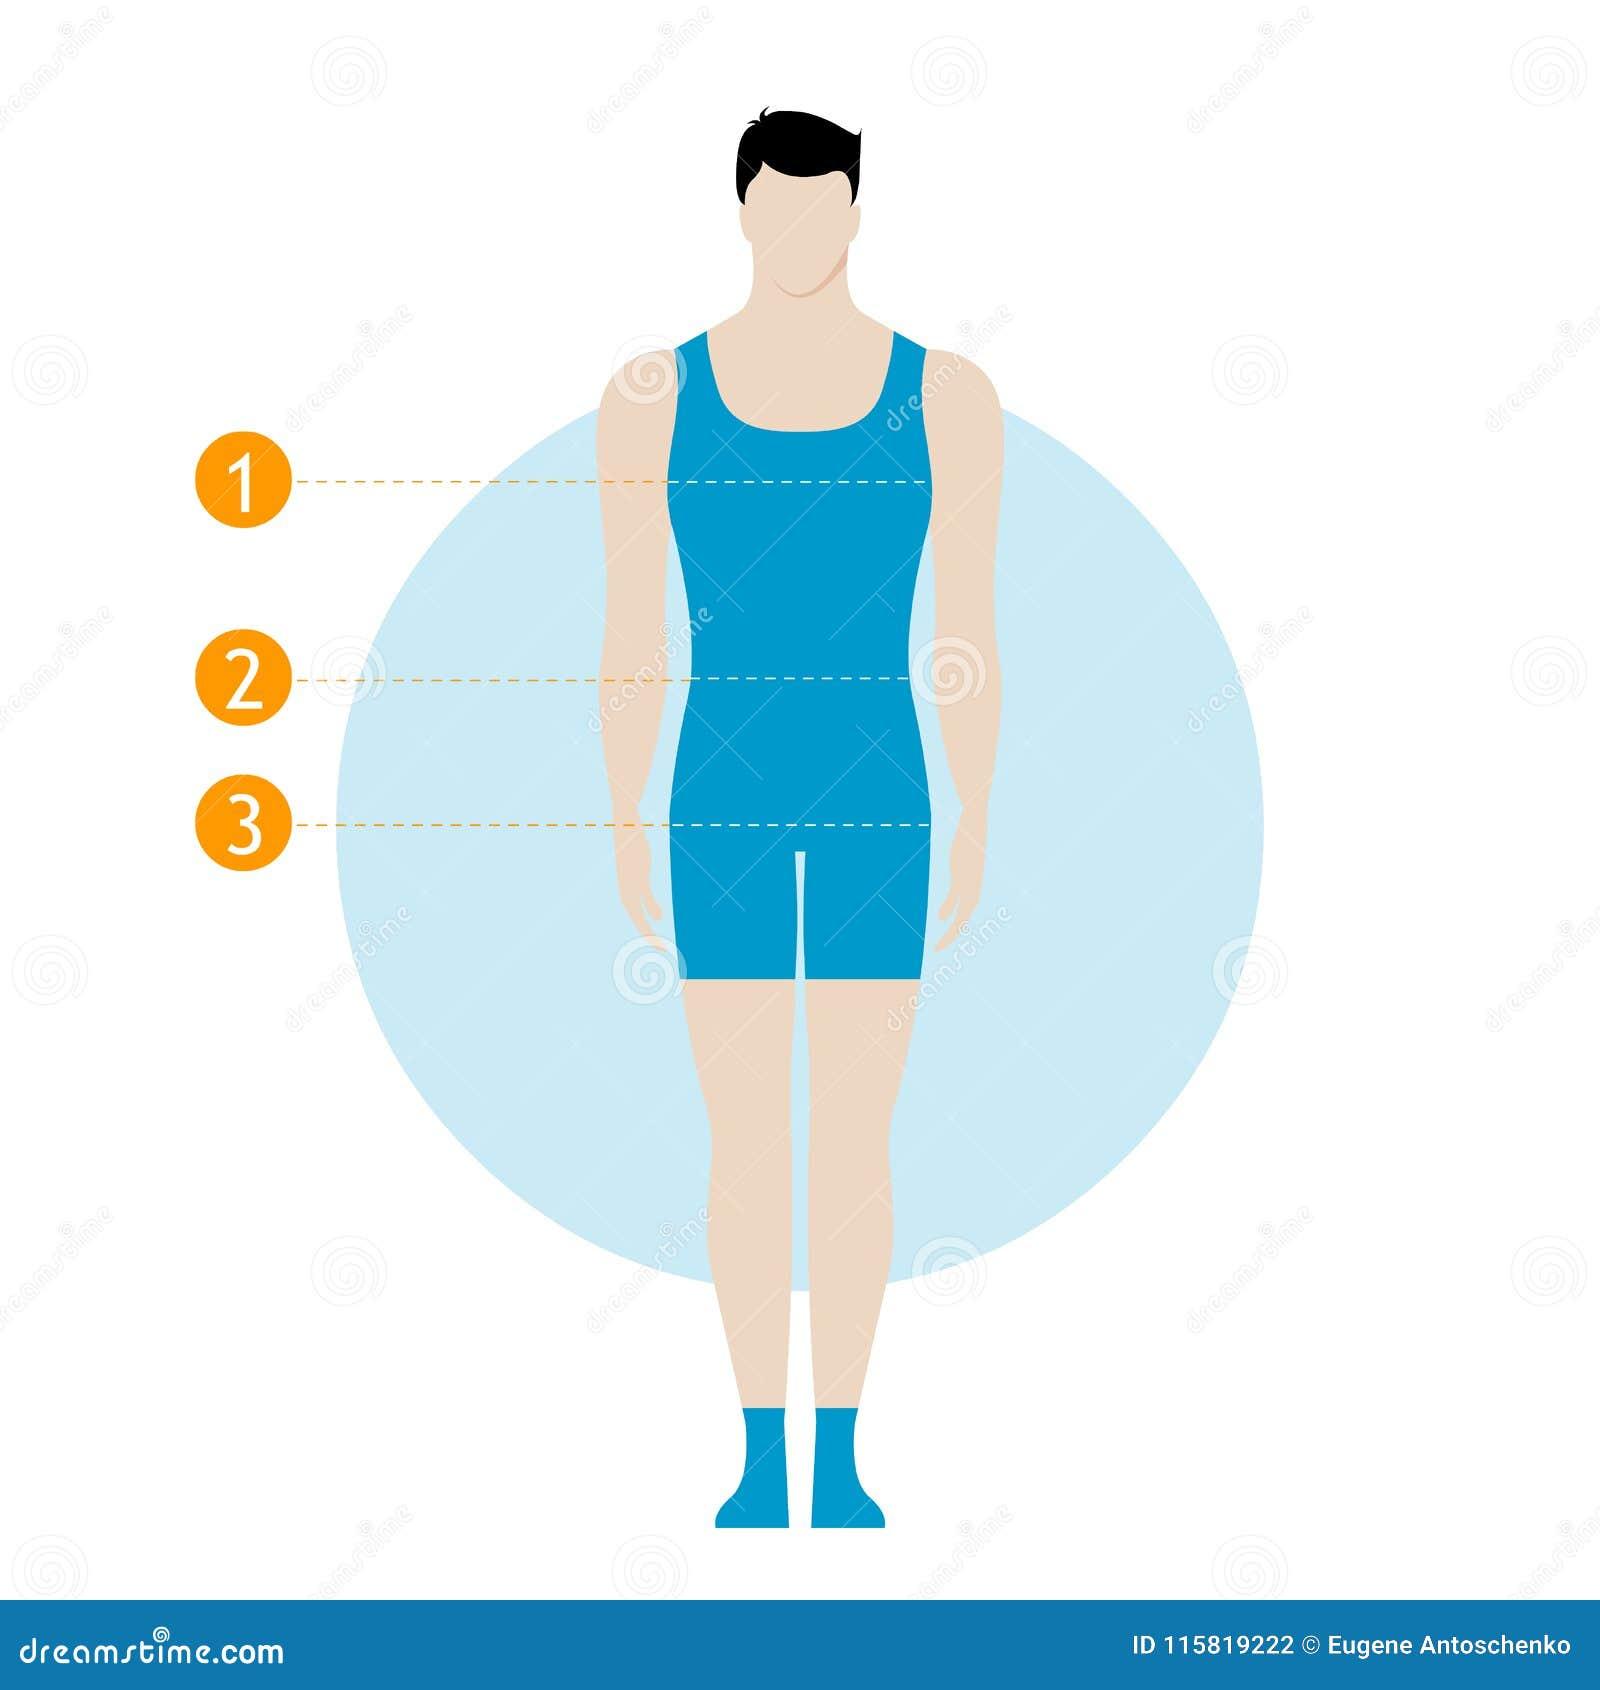 Male Body Measurement Chart Figure Of The Guy Model In Underwear Swimwear